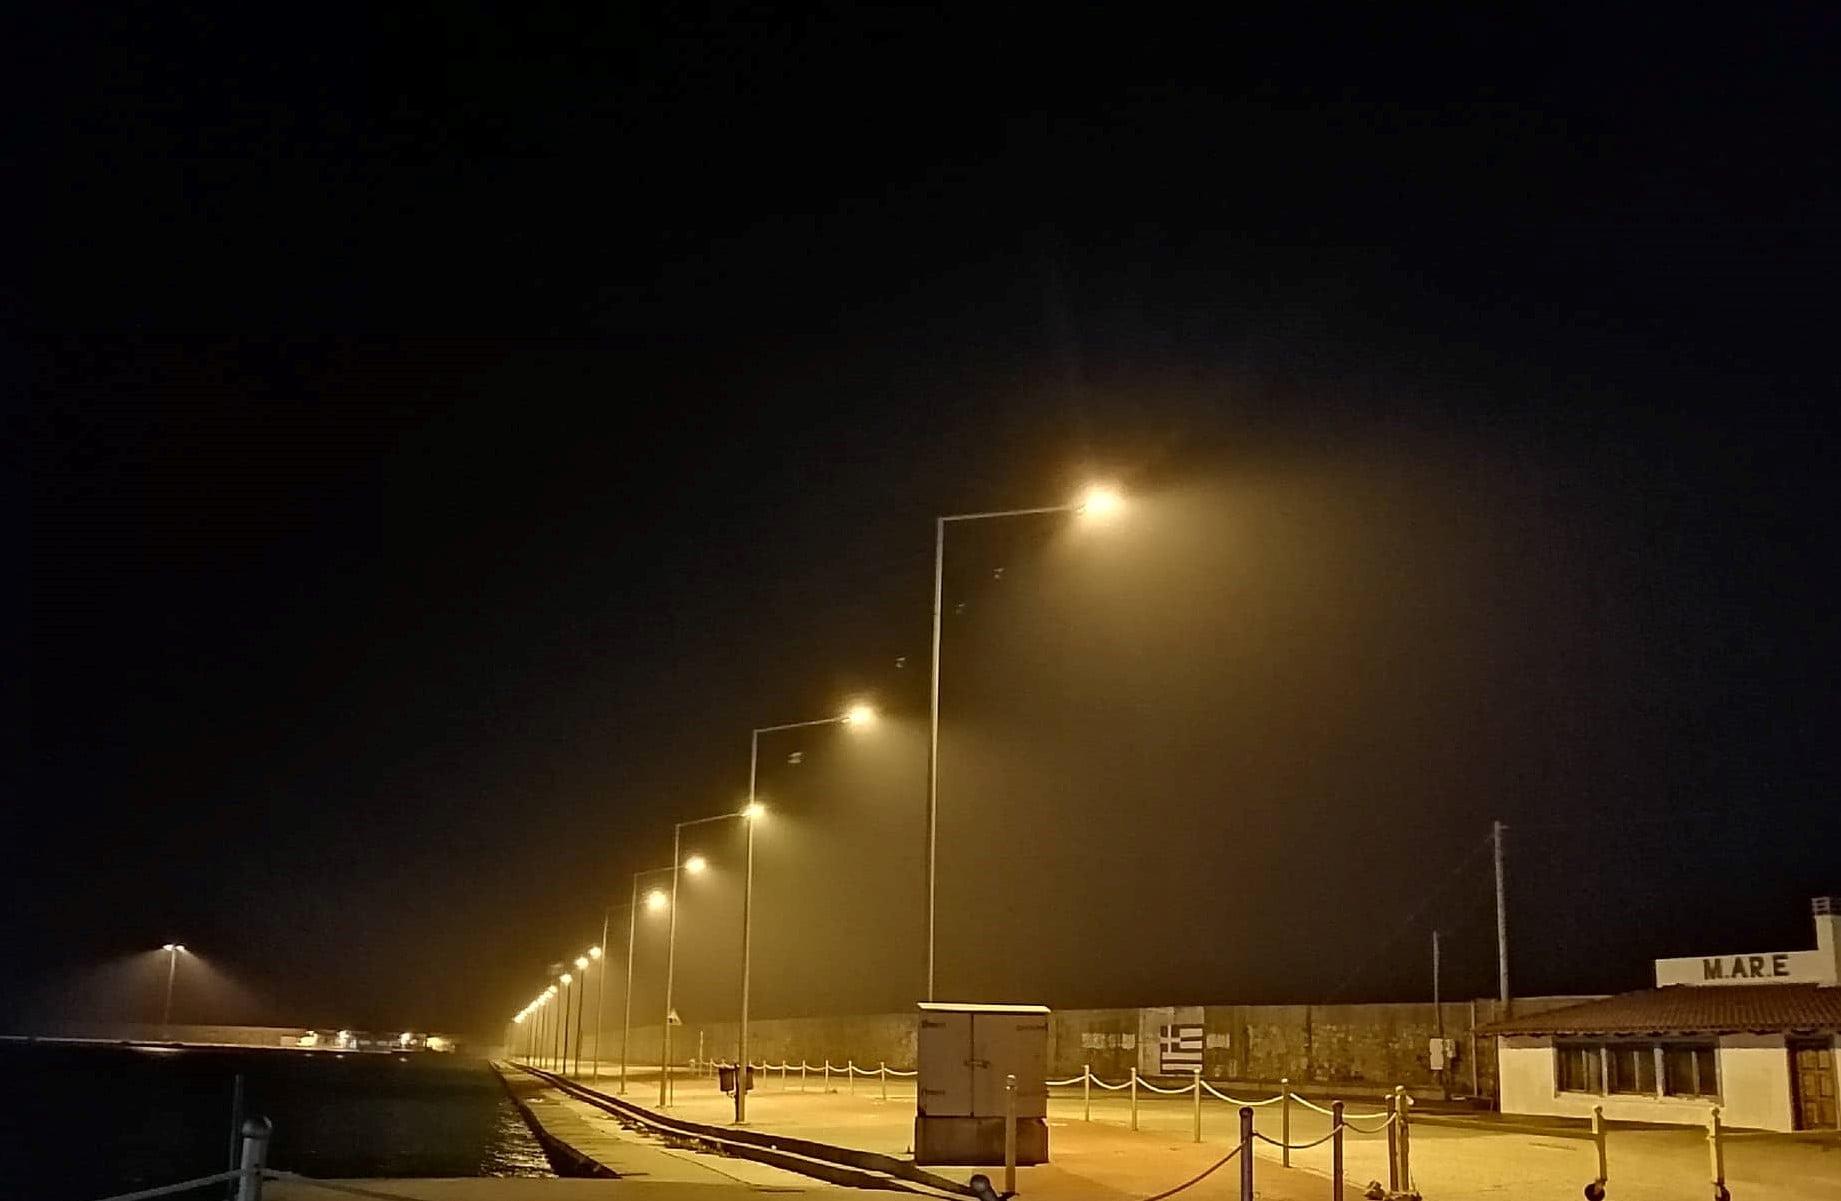 Κατάκολο: Αποκαταστάθηκε ο φωτισμός στο λιμάνι- Και στις προβλήτες και έμπροσθεν των καταστημάτων (photos)